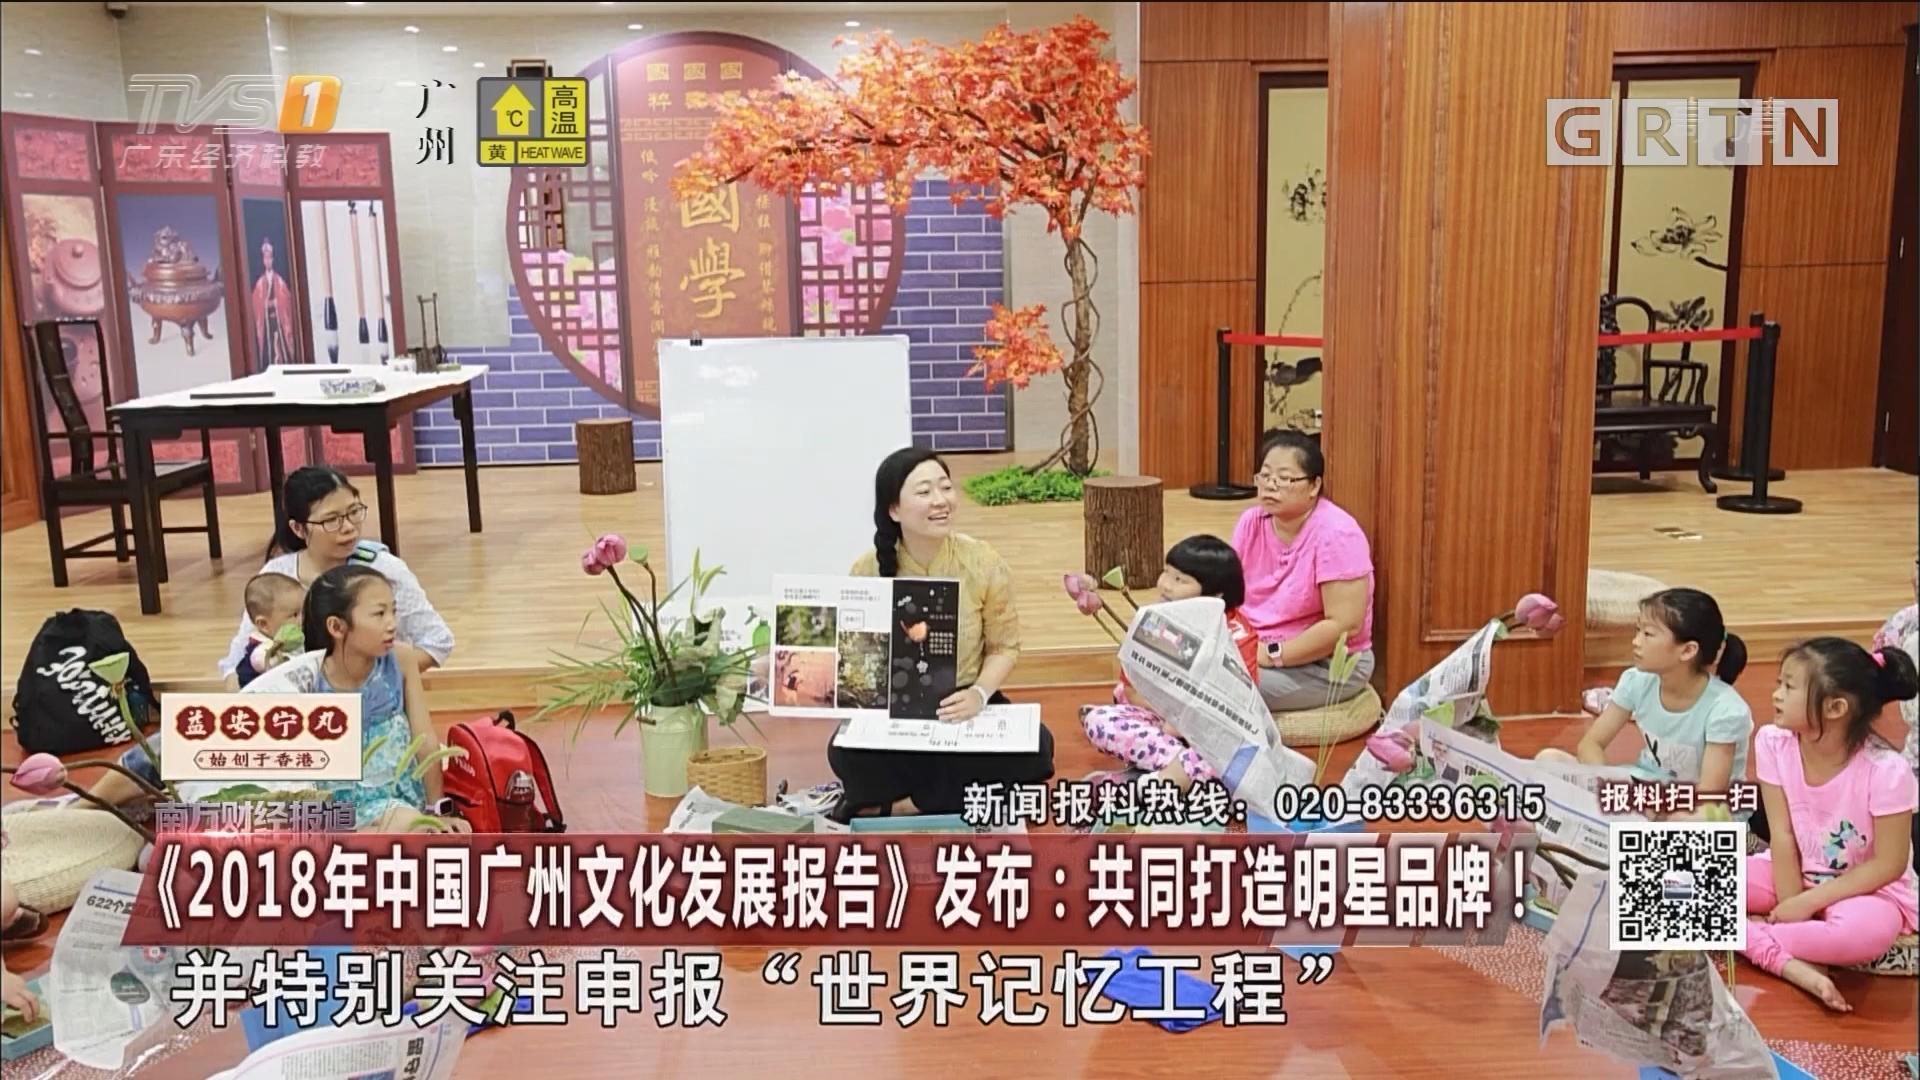 《2018年中国广州文化发展报告》发布:共同打造明星品牌!